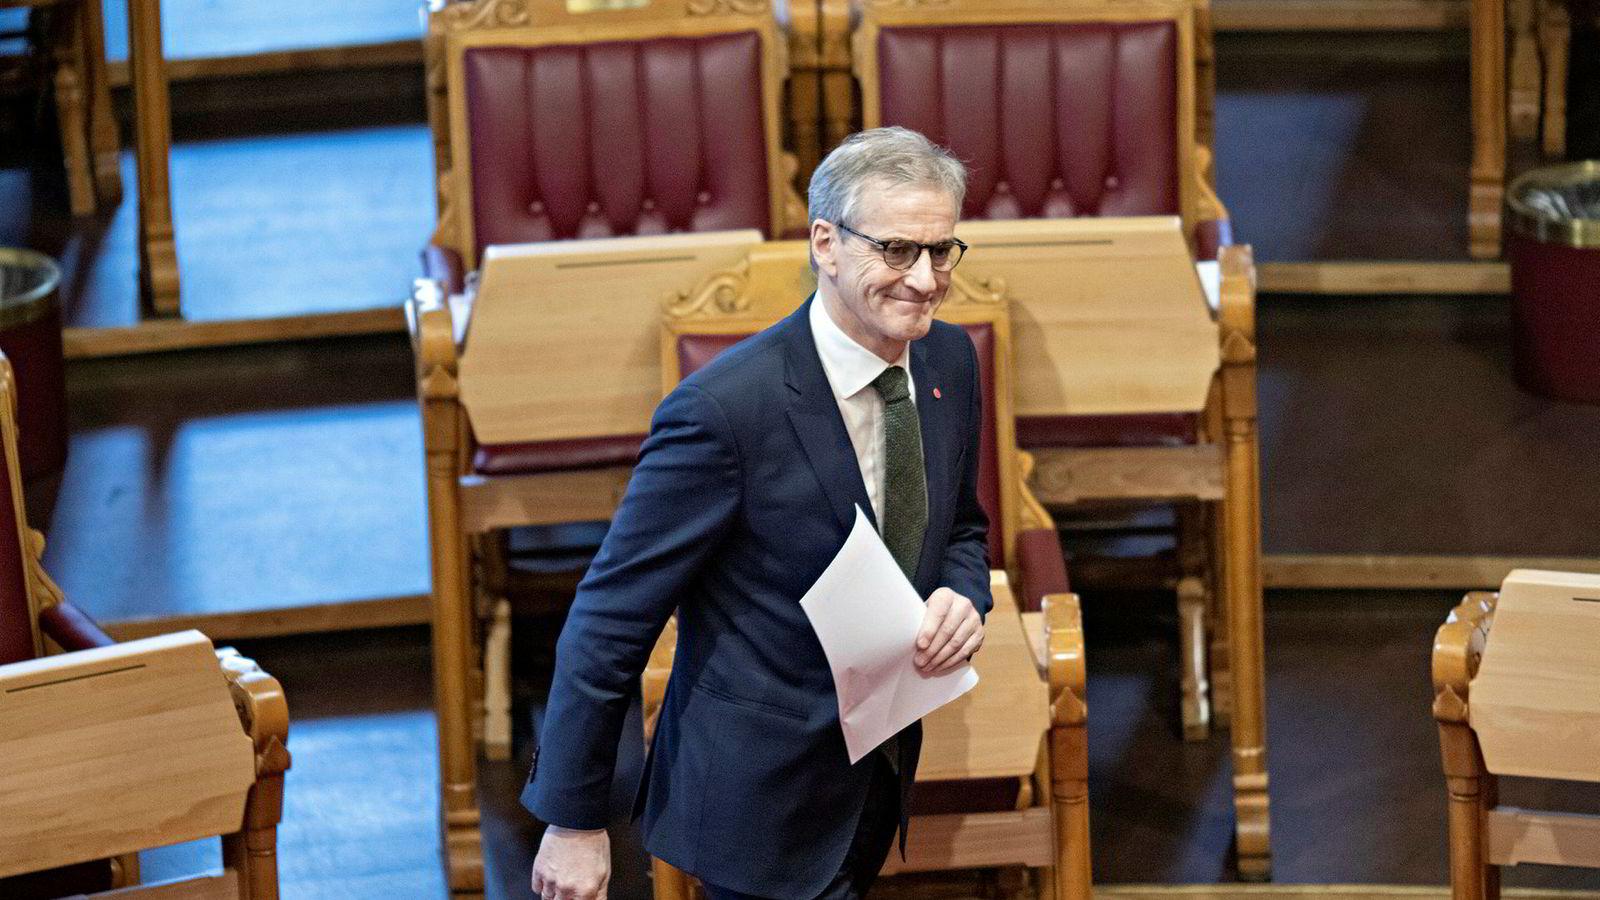 Onsdag kritiserte Ap-leder Jonas Gahr Støre den utvidede regjeringens erklæring i Stortinget. Januarmålingene viser at et valg nå ville gjort ham til statsminister.